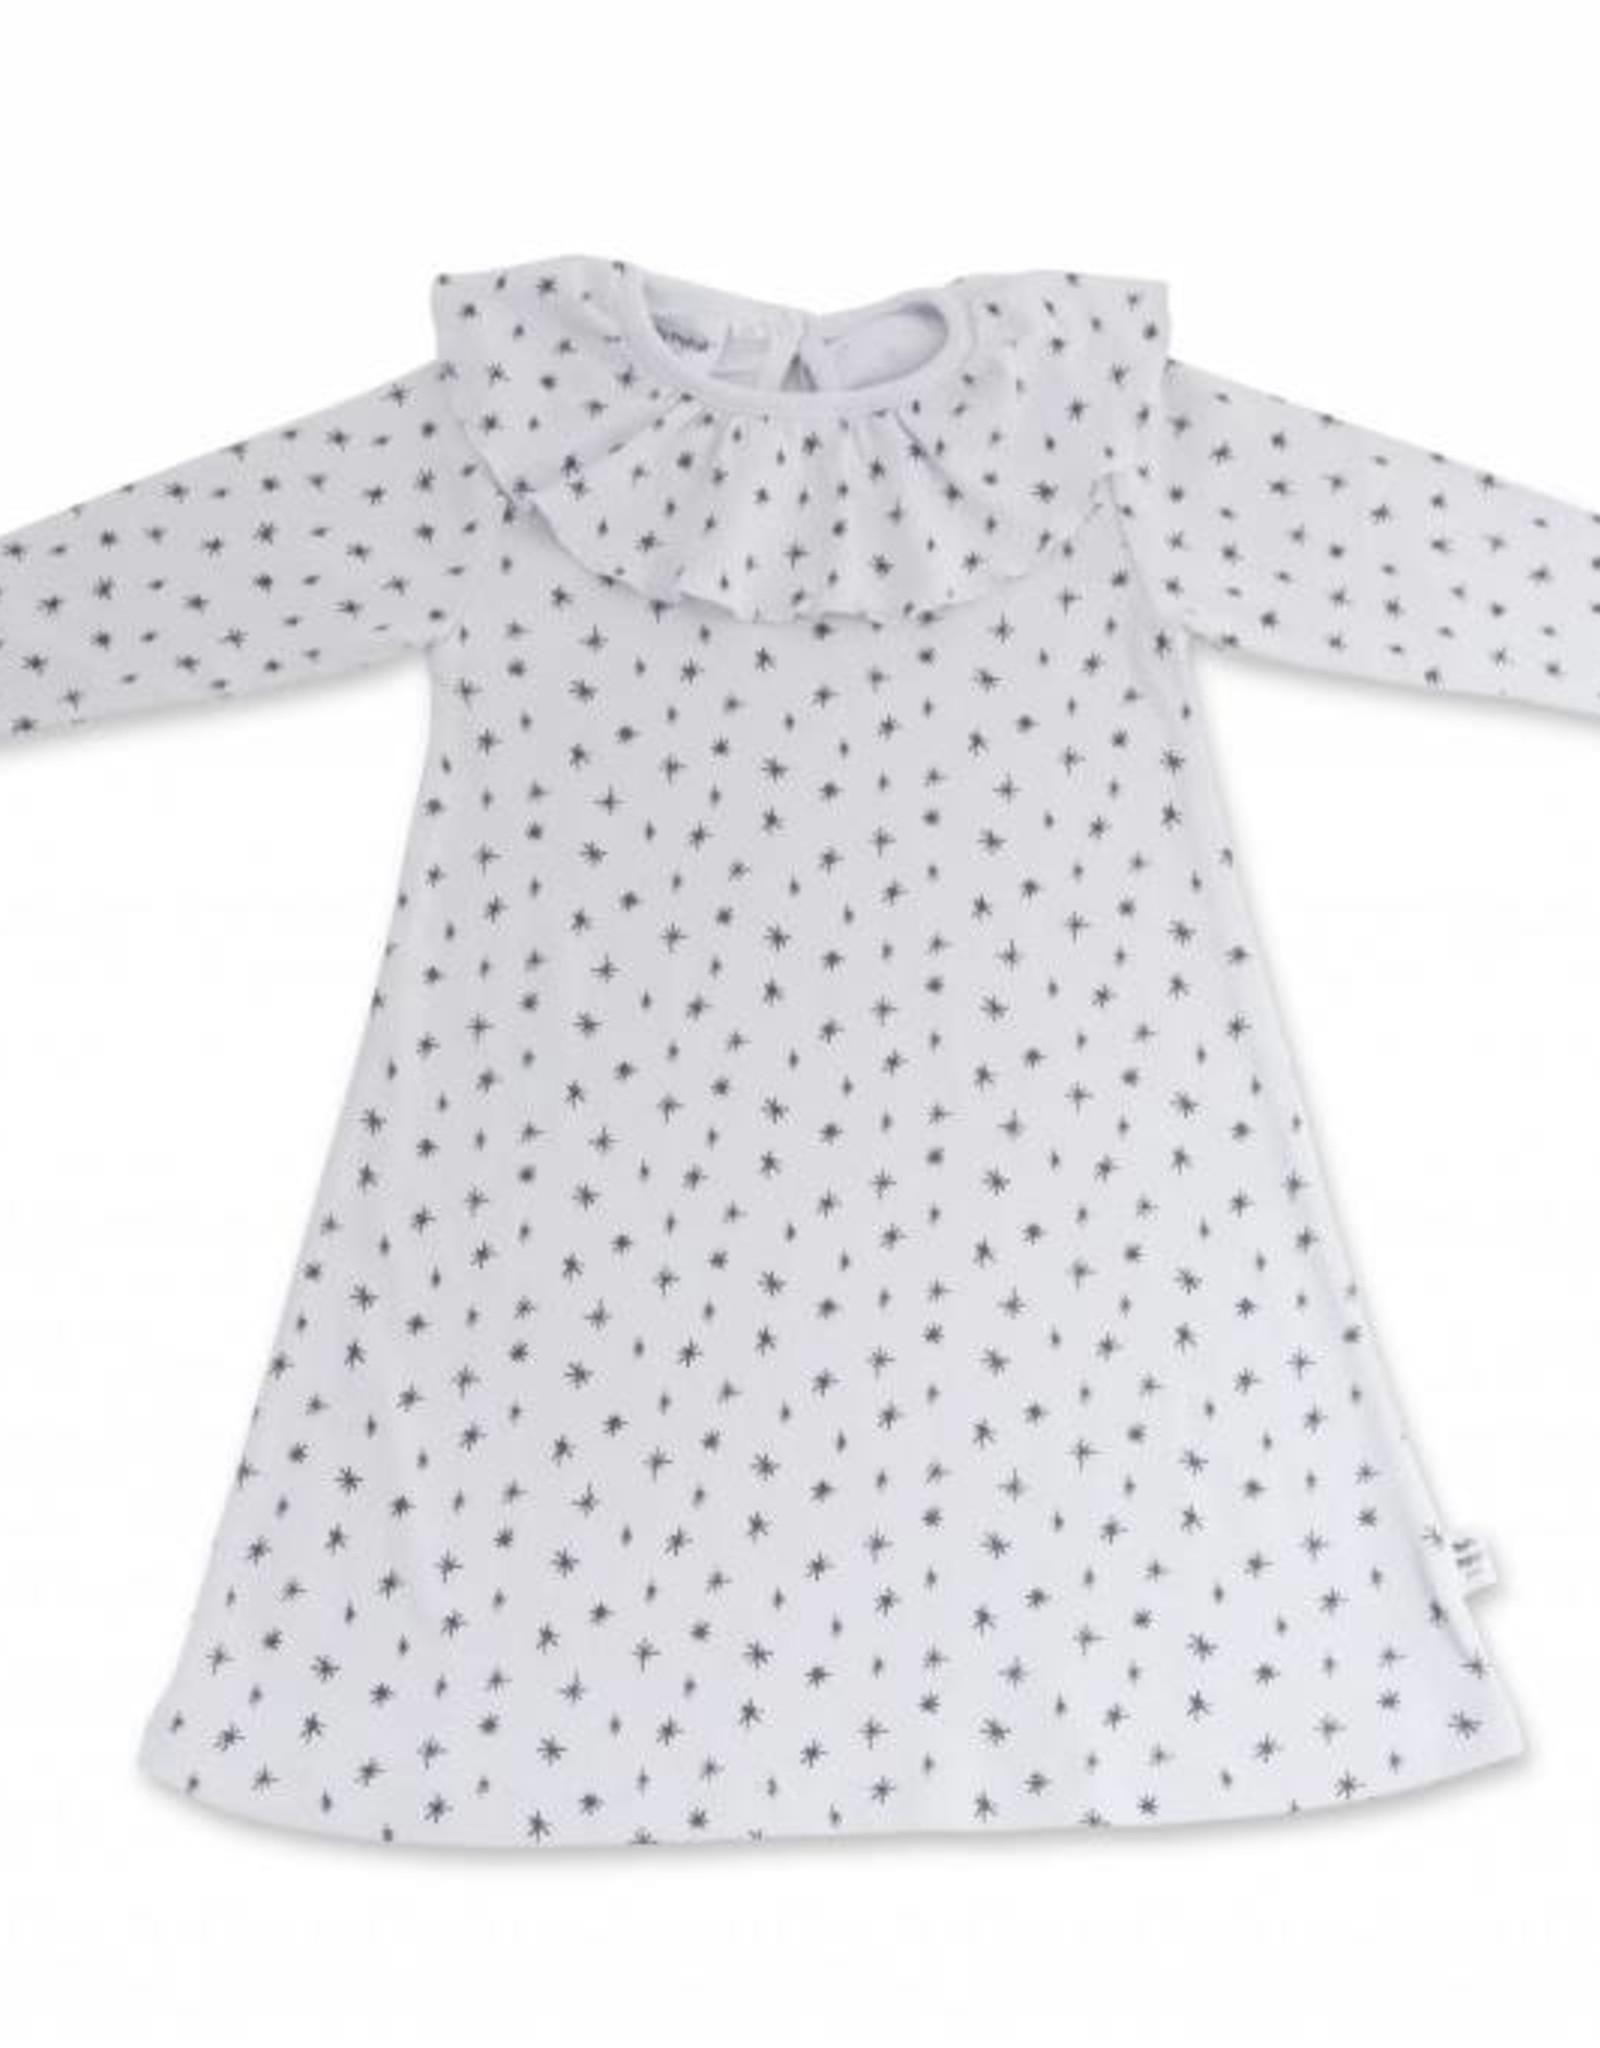 Moli nightgown, stars print